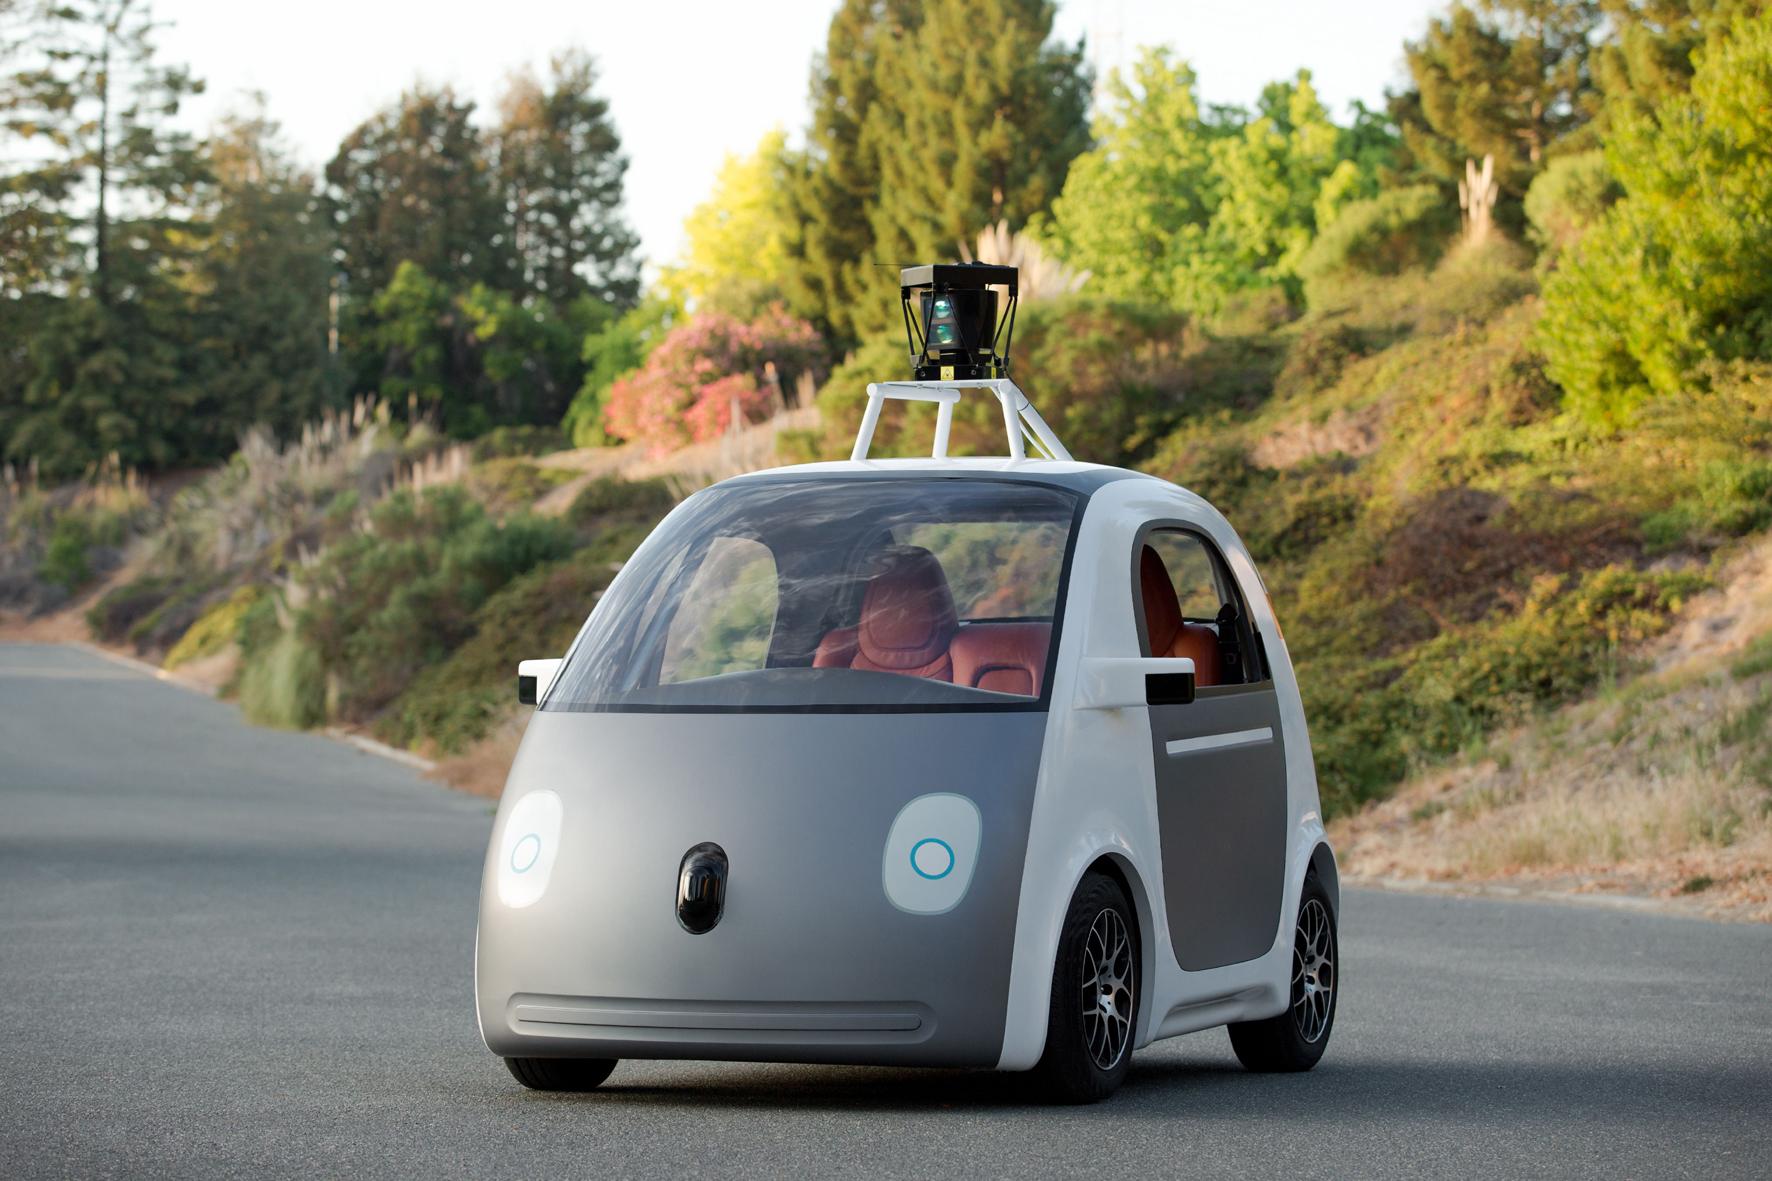 Neue Autopläne von Apple und Google: Neuausrichtung beim Autonomen Fahren